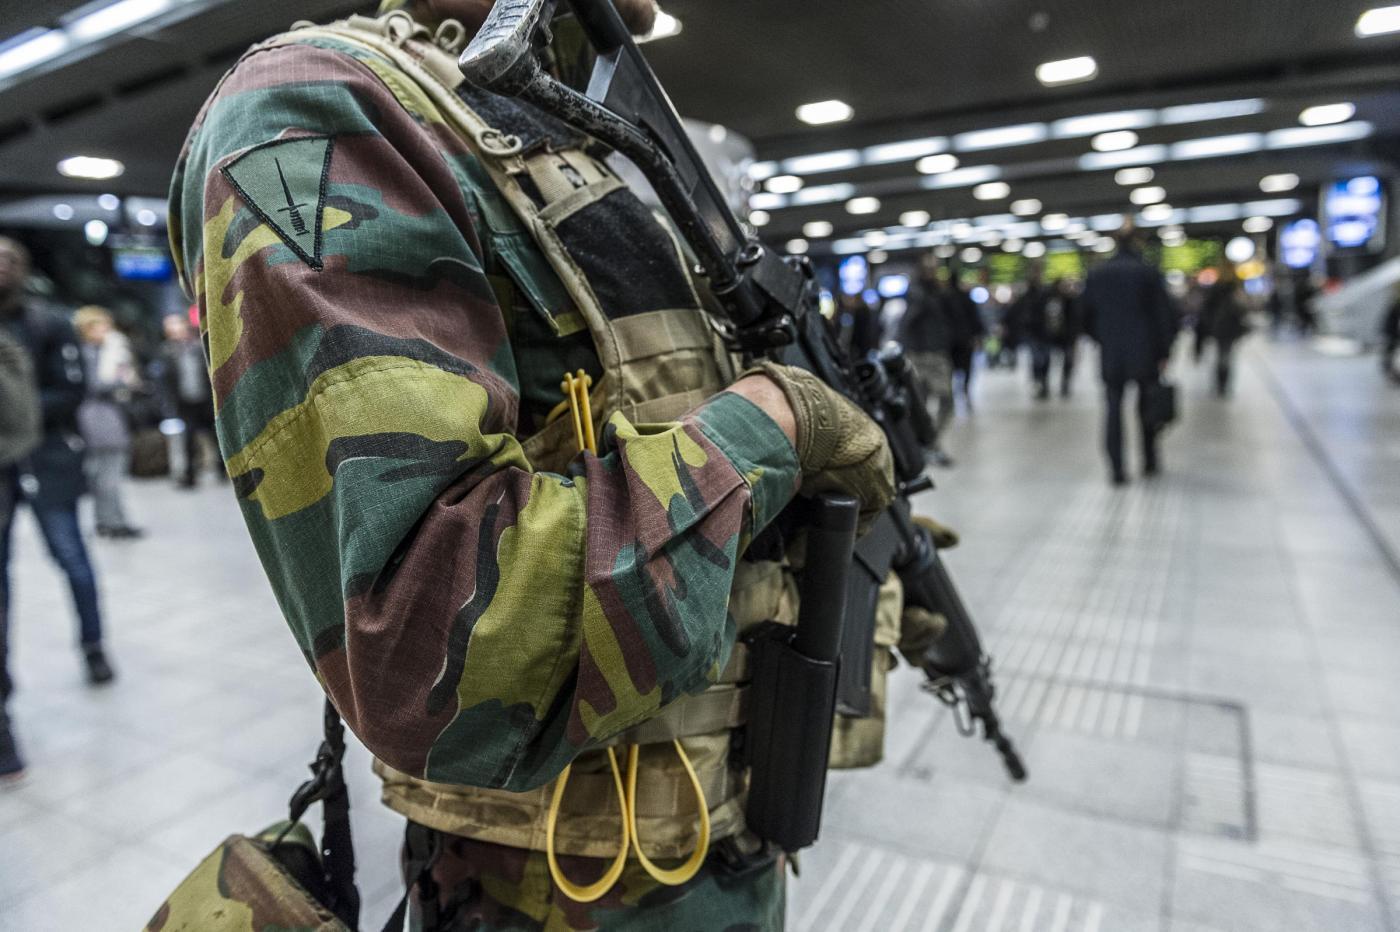 Bruxelles, l'esercito per le strade e le stazioni ferroviarie